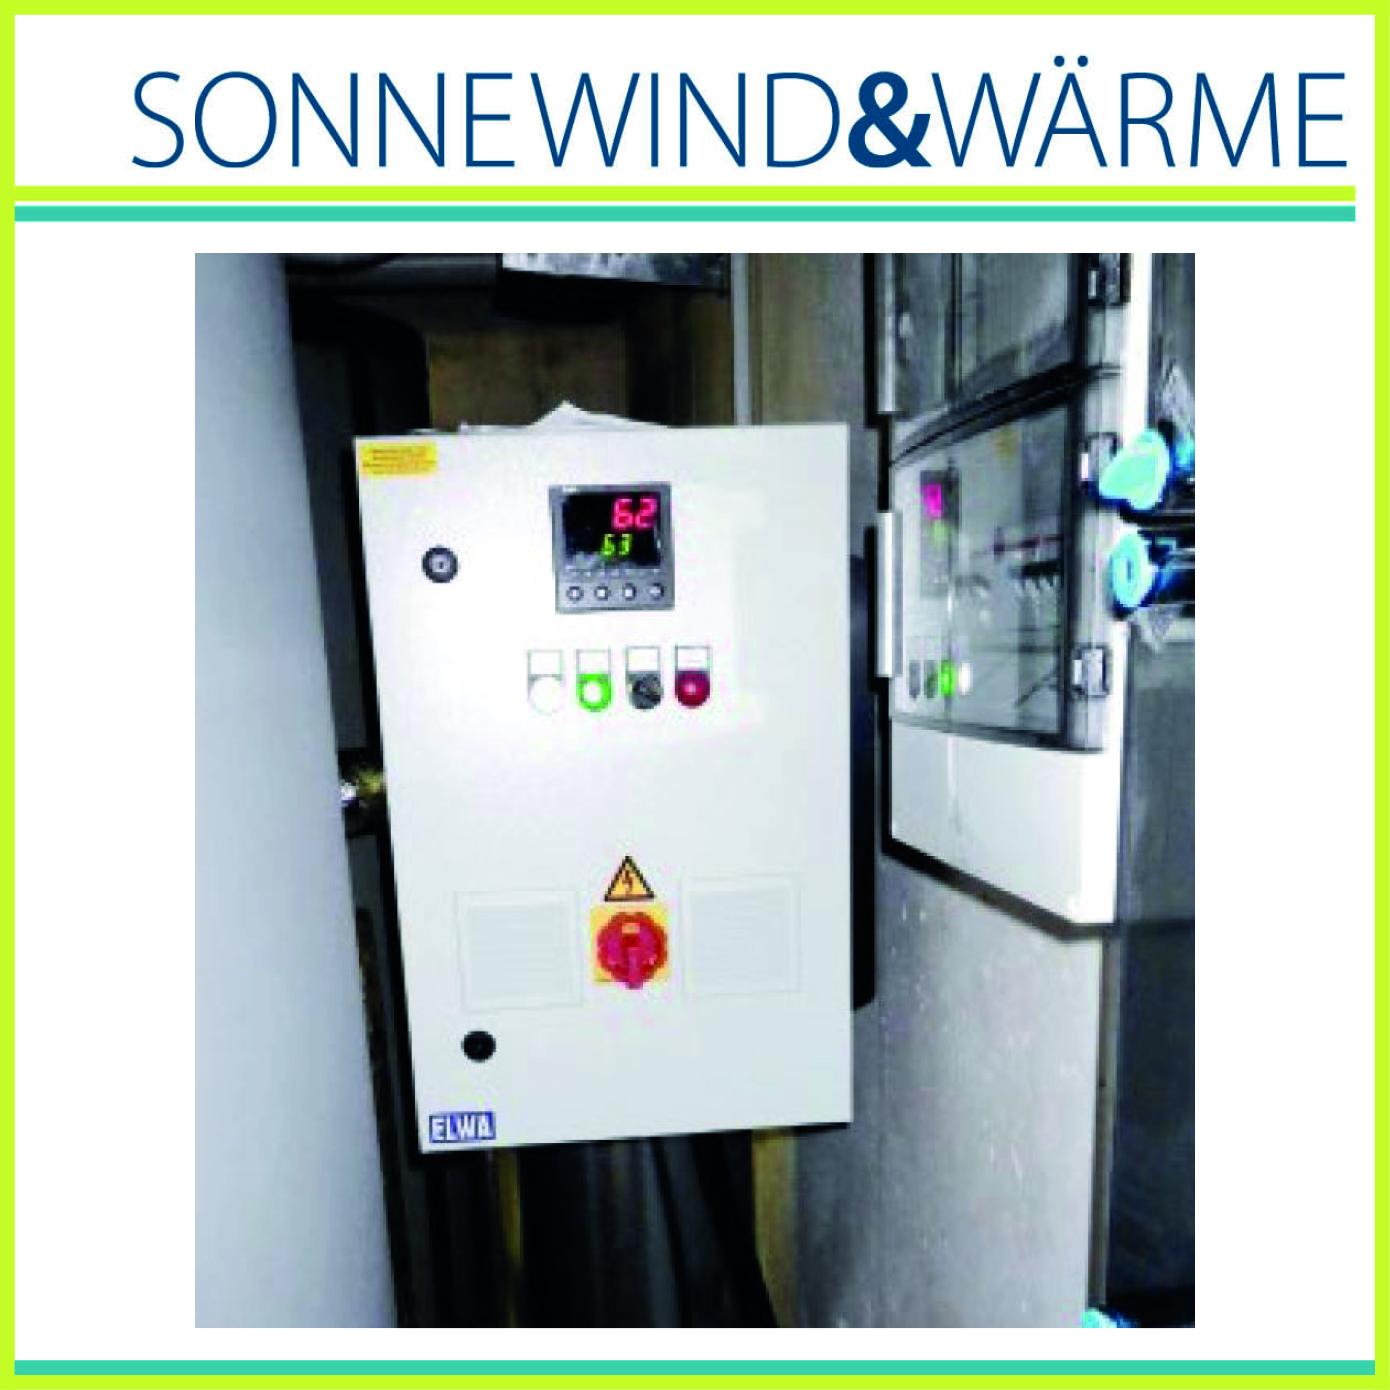 ELWA Power-to-Heat und Logo Sonne, Wind & Wärme